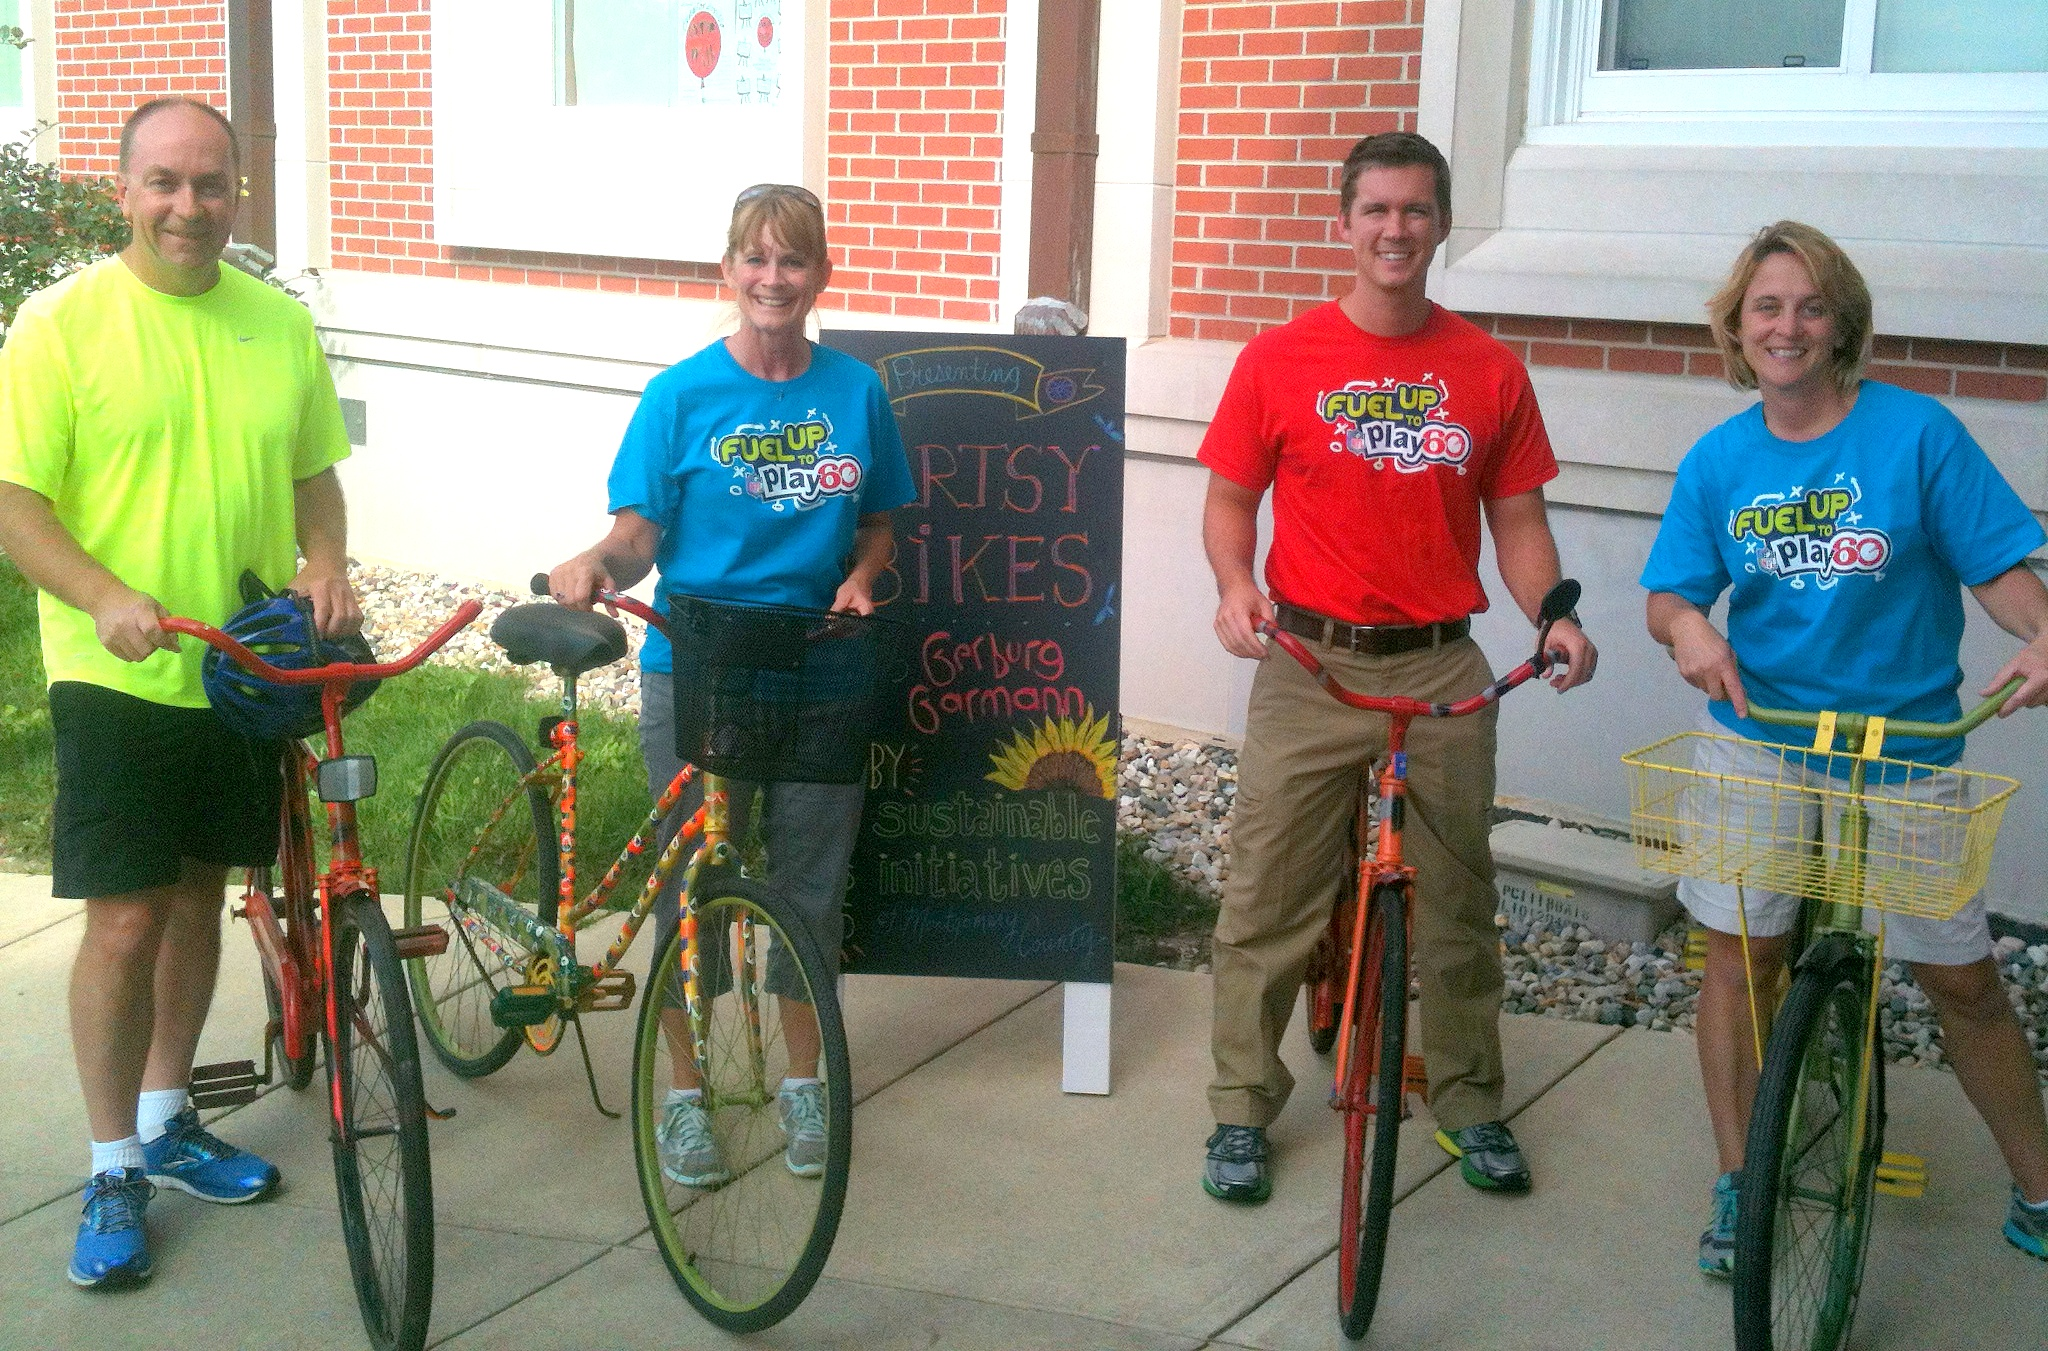 Artsy Bikes